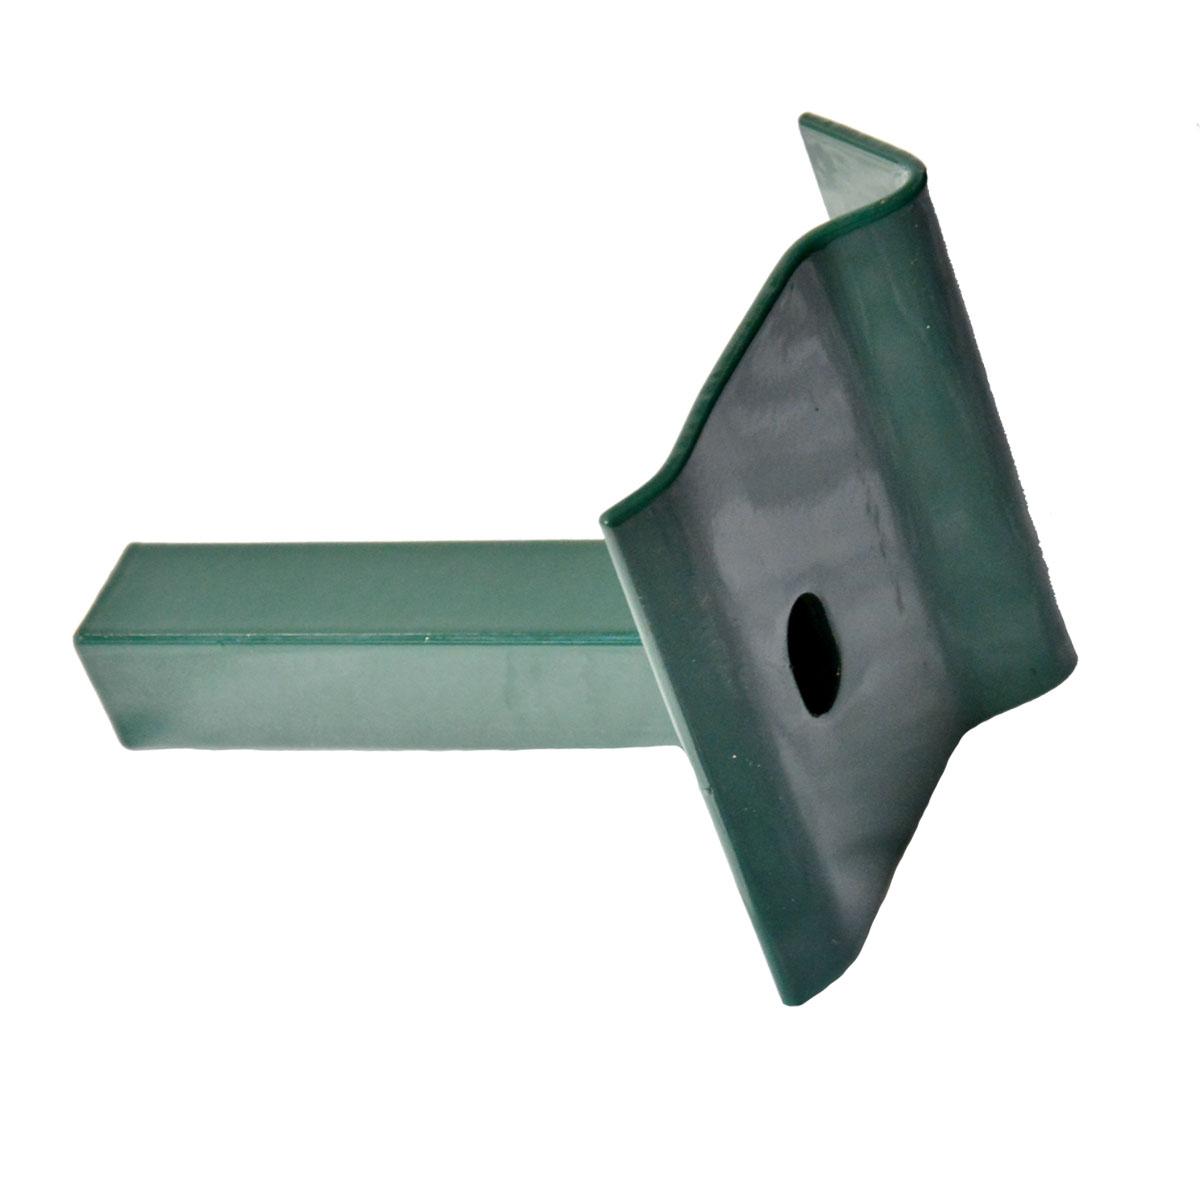 Auflaufbock grün Anschlag für Tore passend zum Bodenschieber Torstopper Stopper